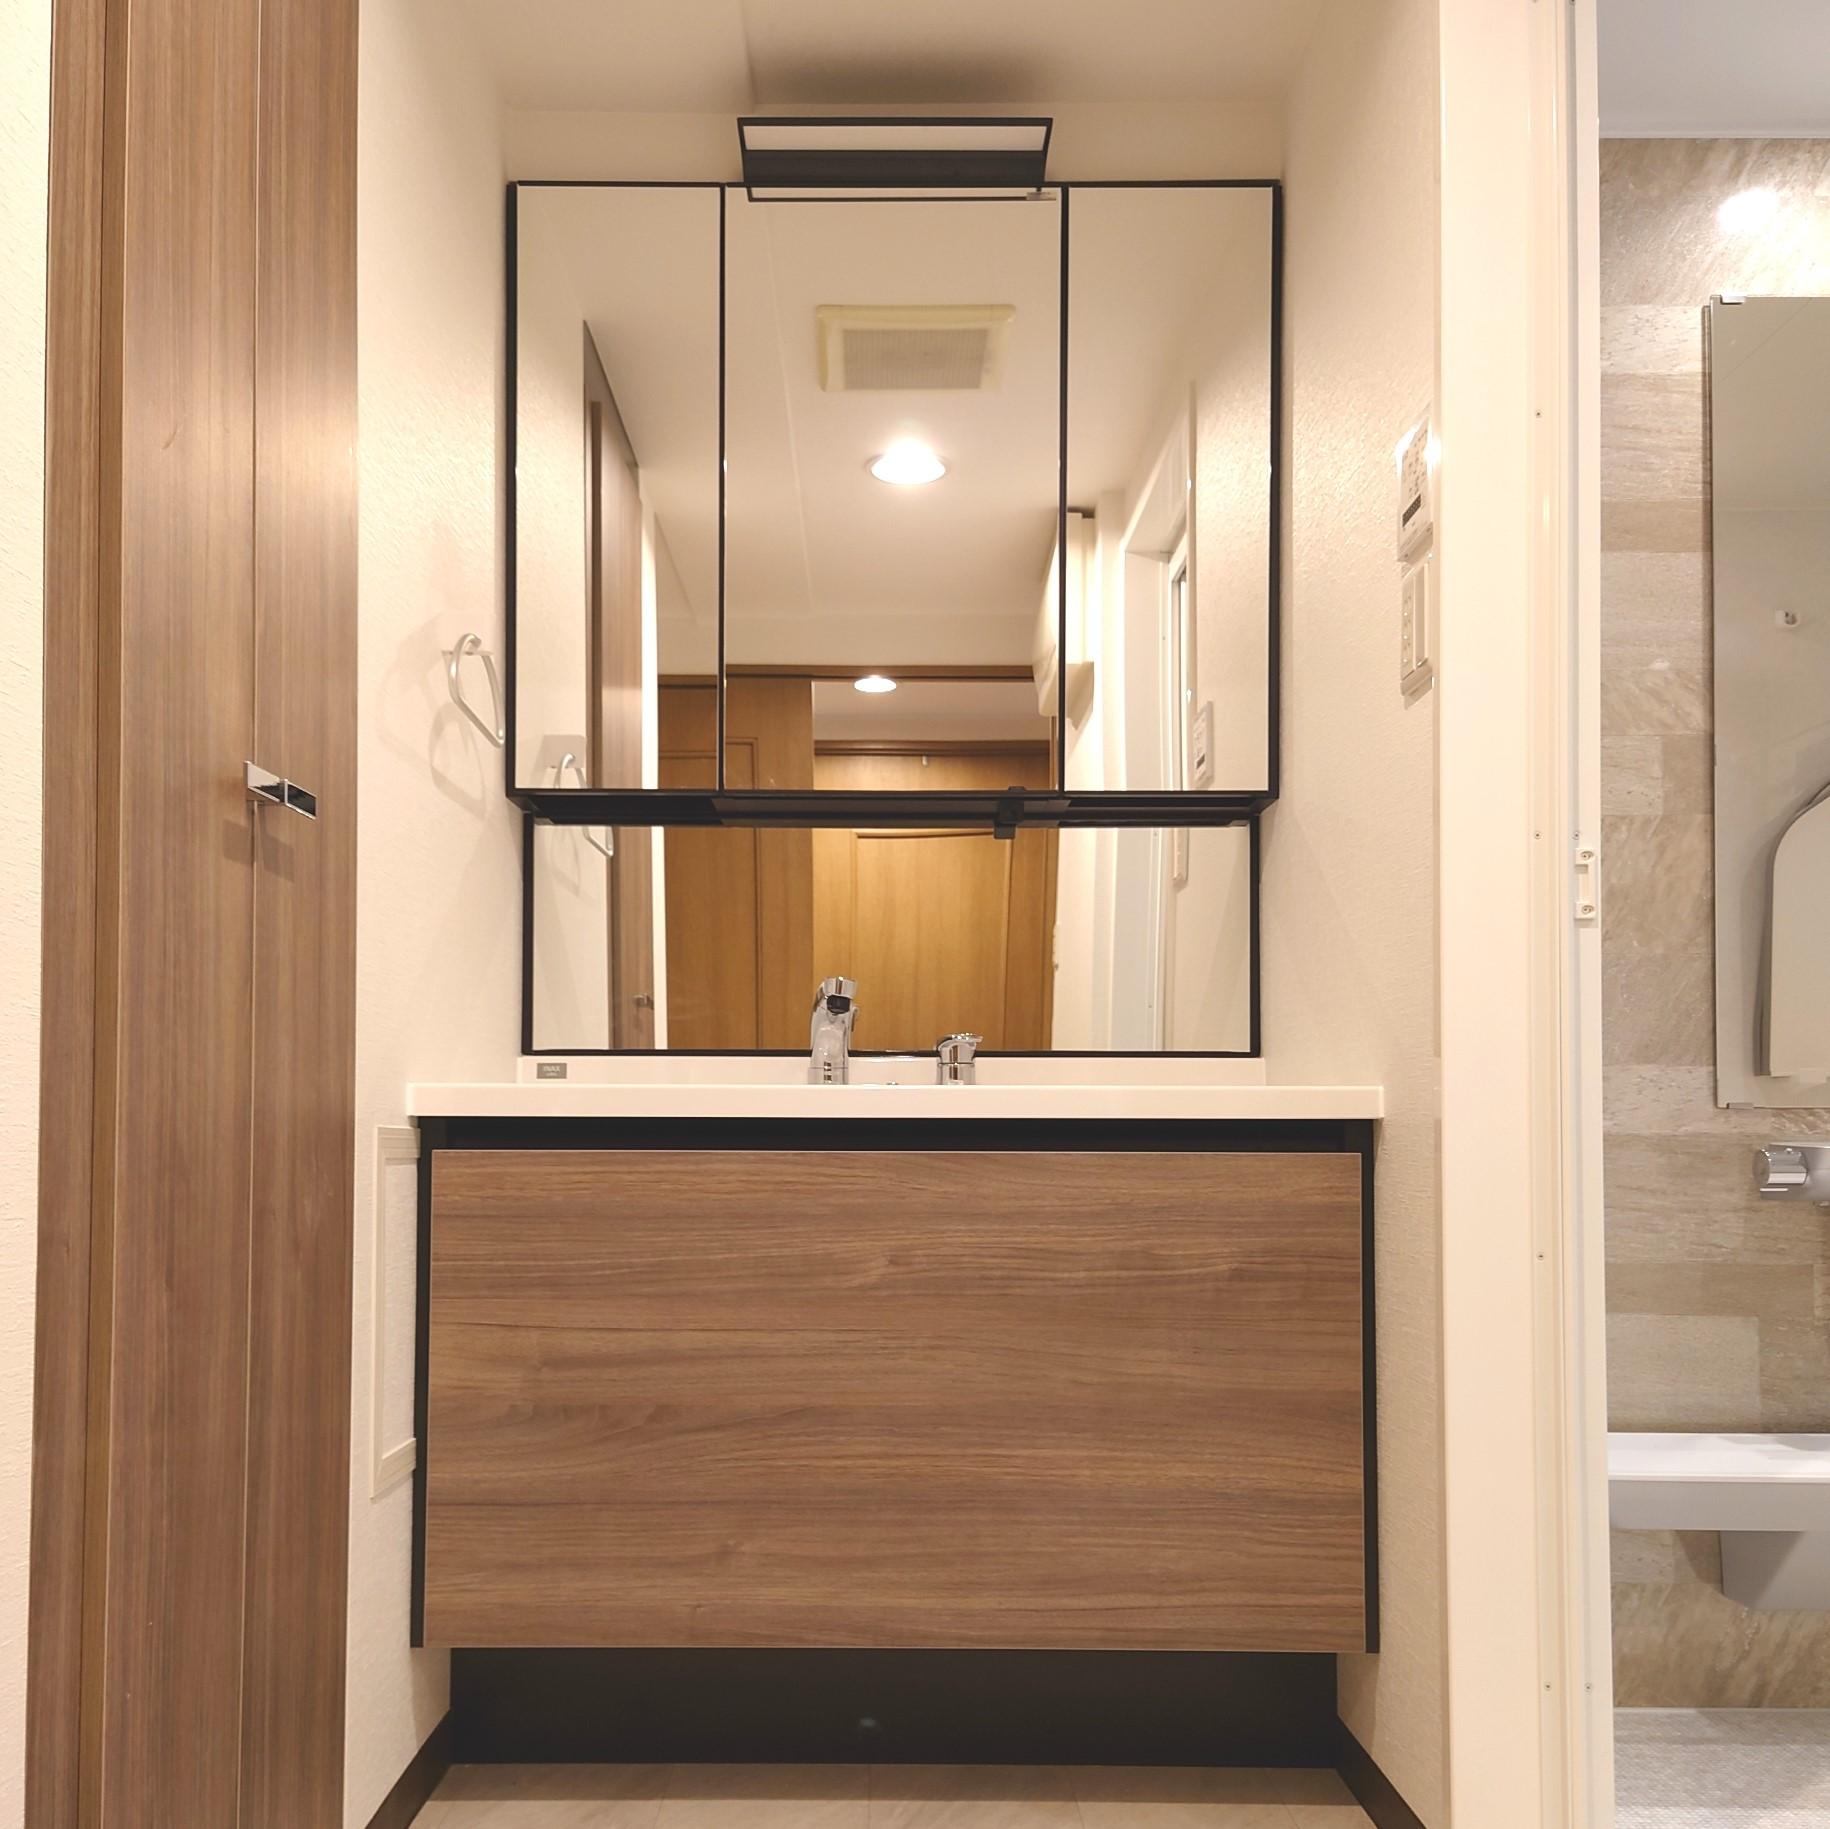 LIXIL 洗面化粧台リフォーム マンション 東京 埼玉 名古屋 大阪の画像